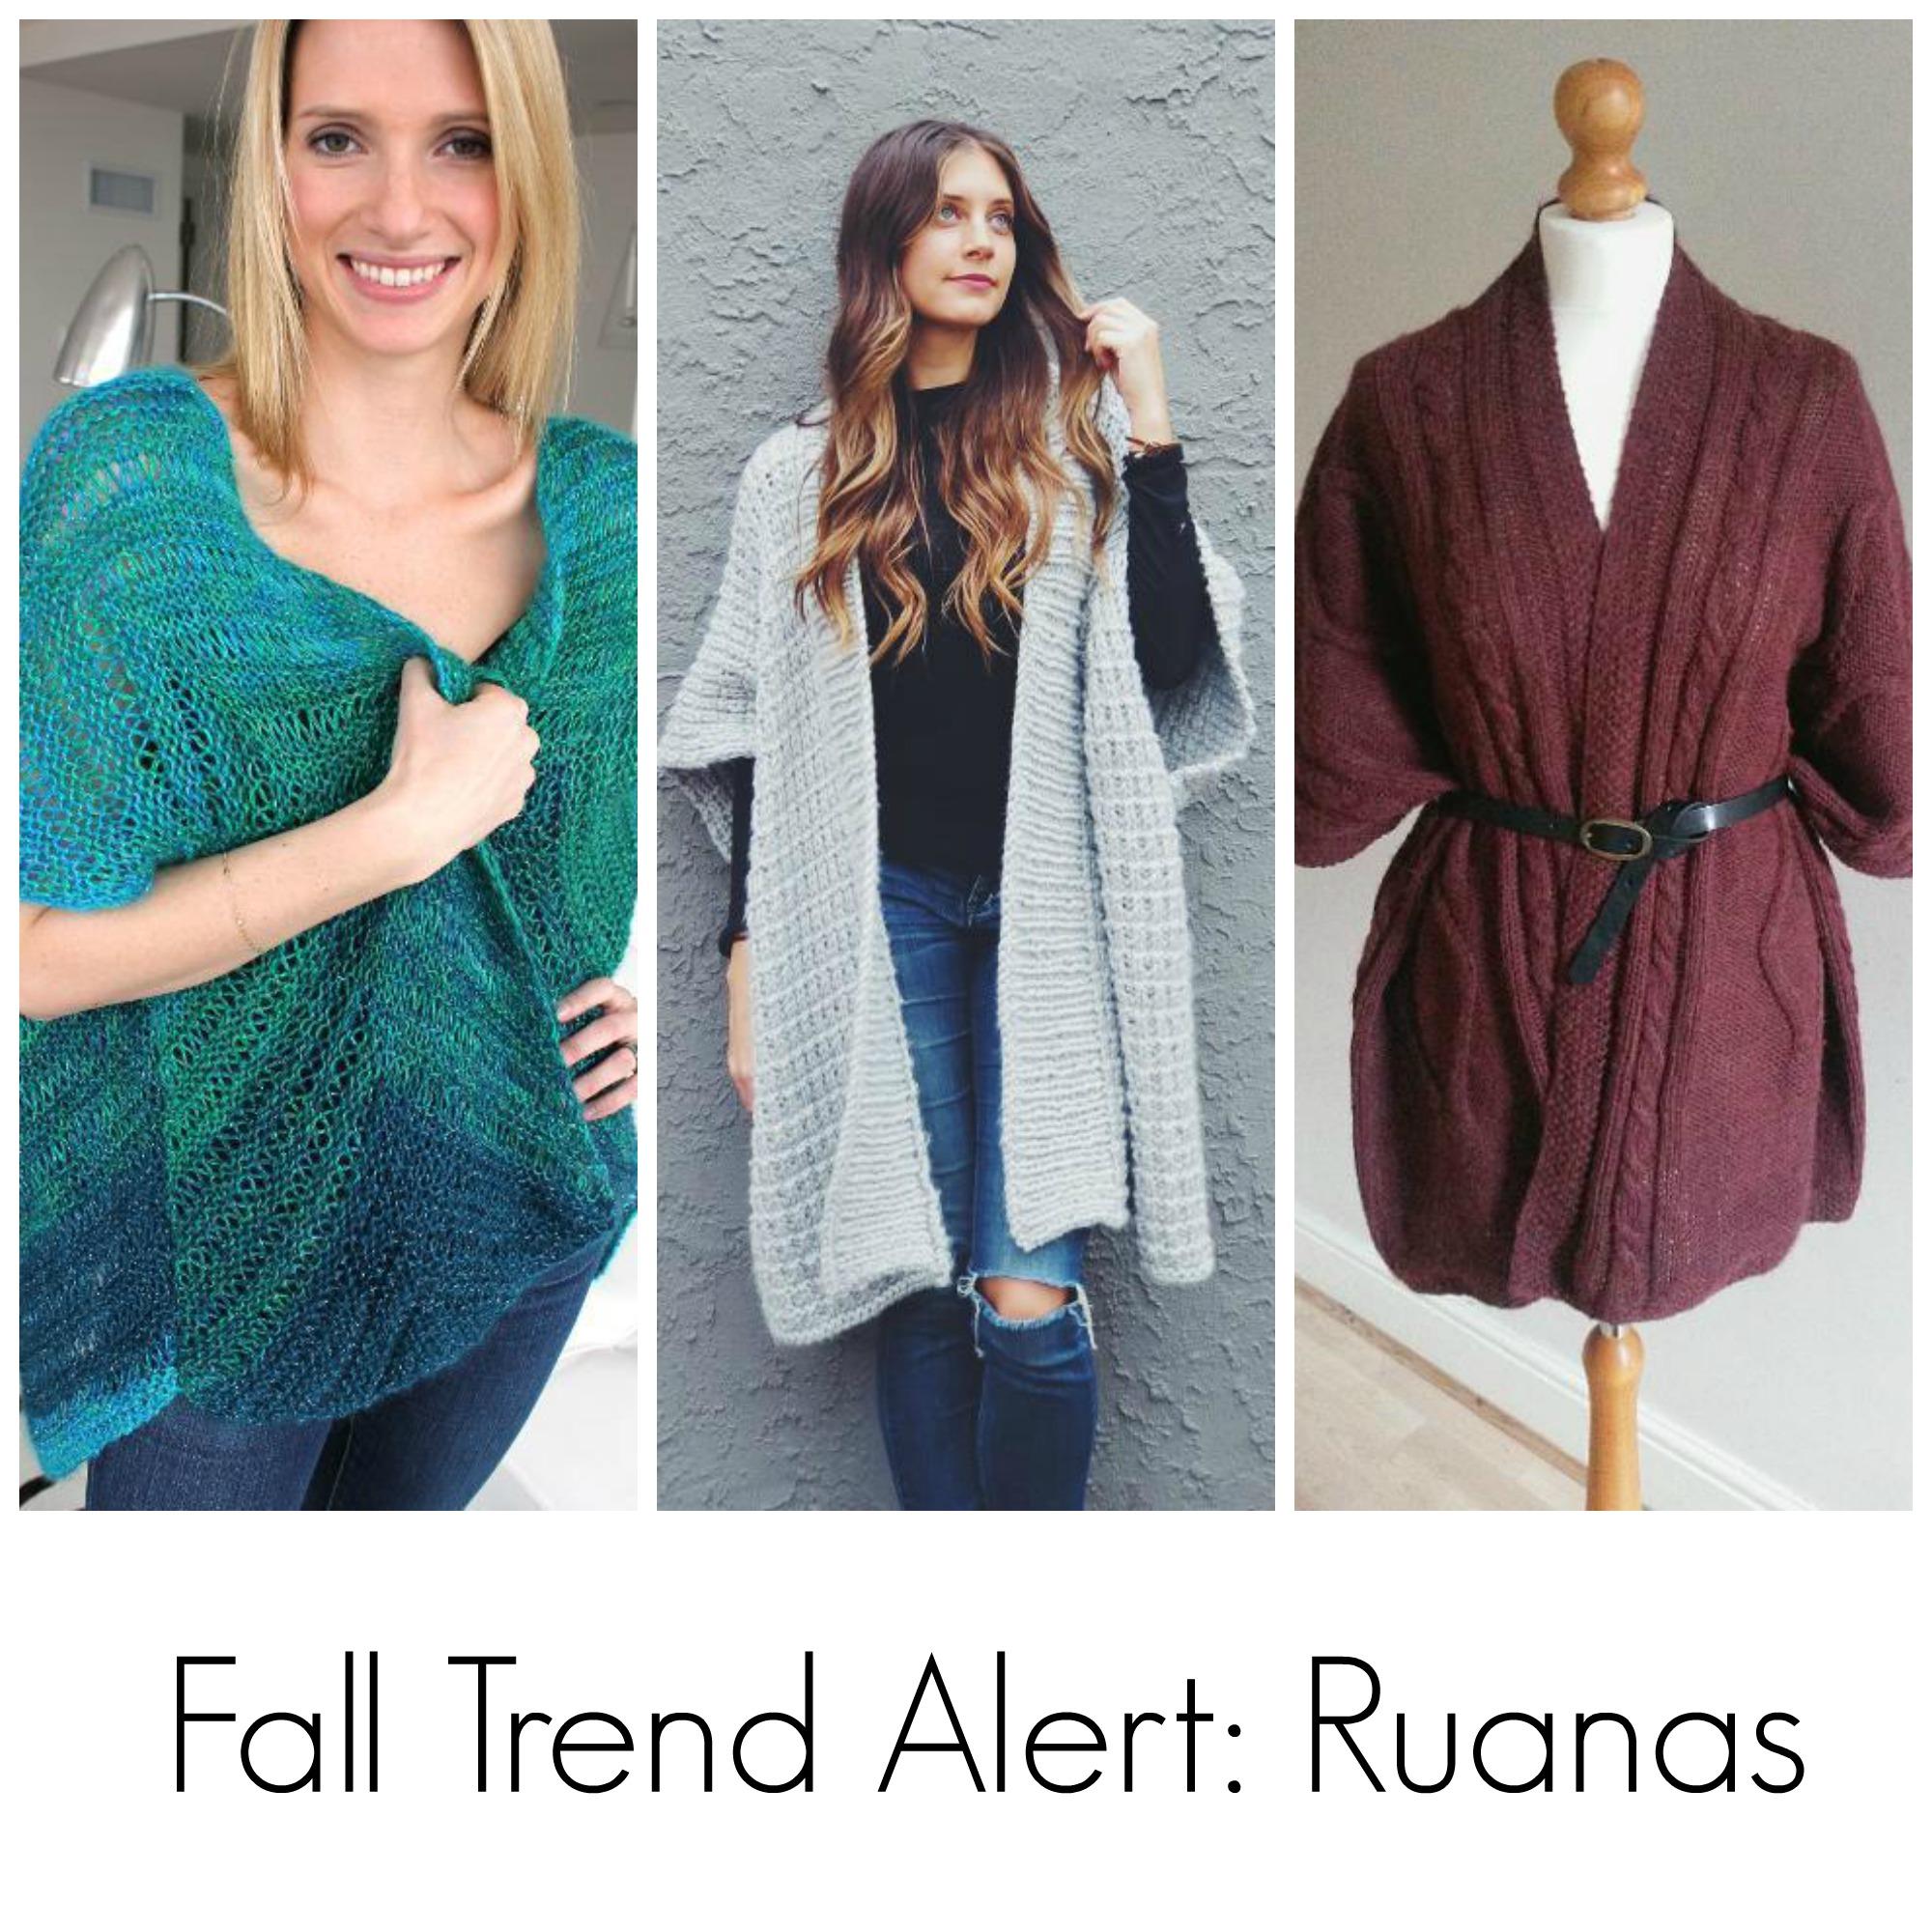 Ruana Knitting Pattern